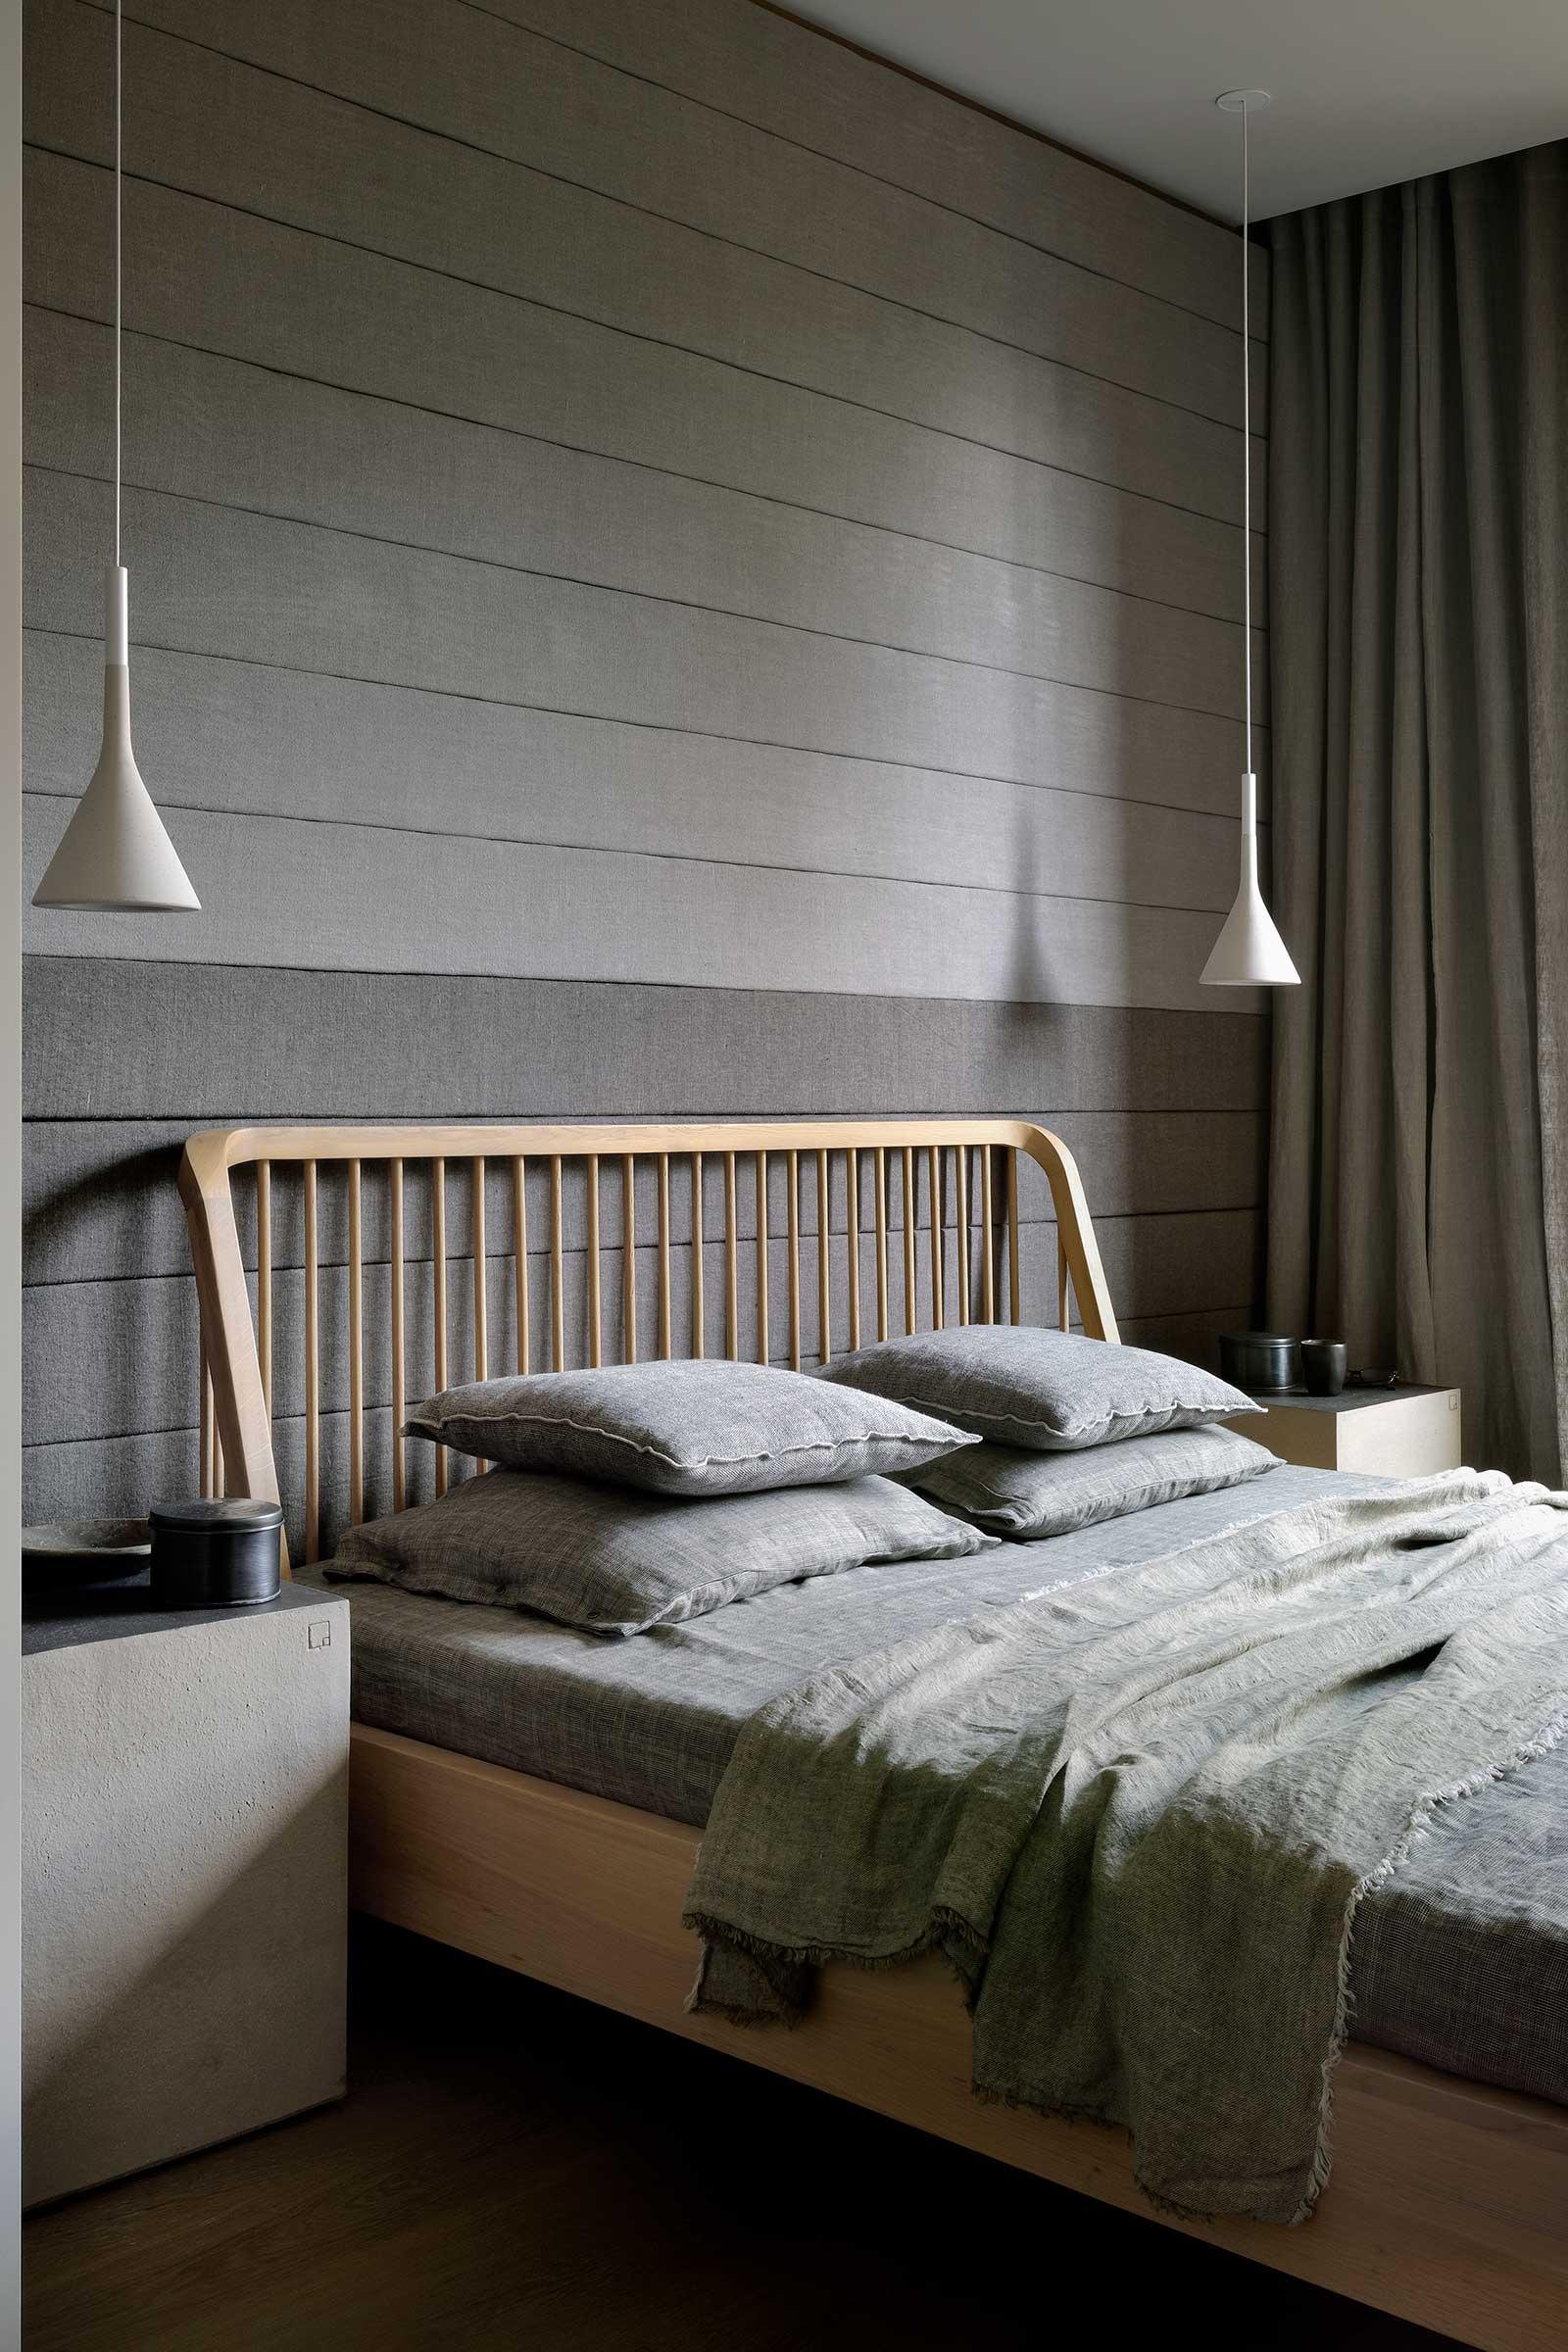 51247-Ethnicraft-Oak-Spindle-bed.jpg